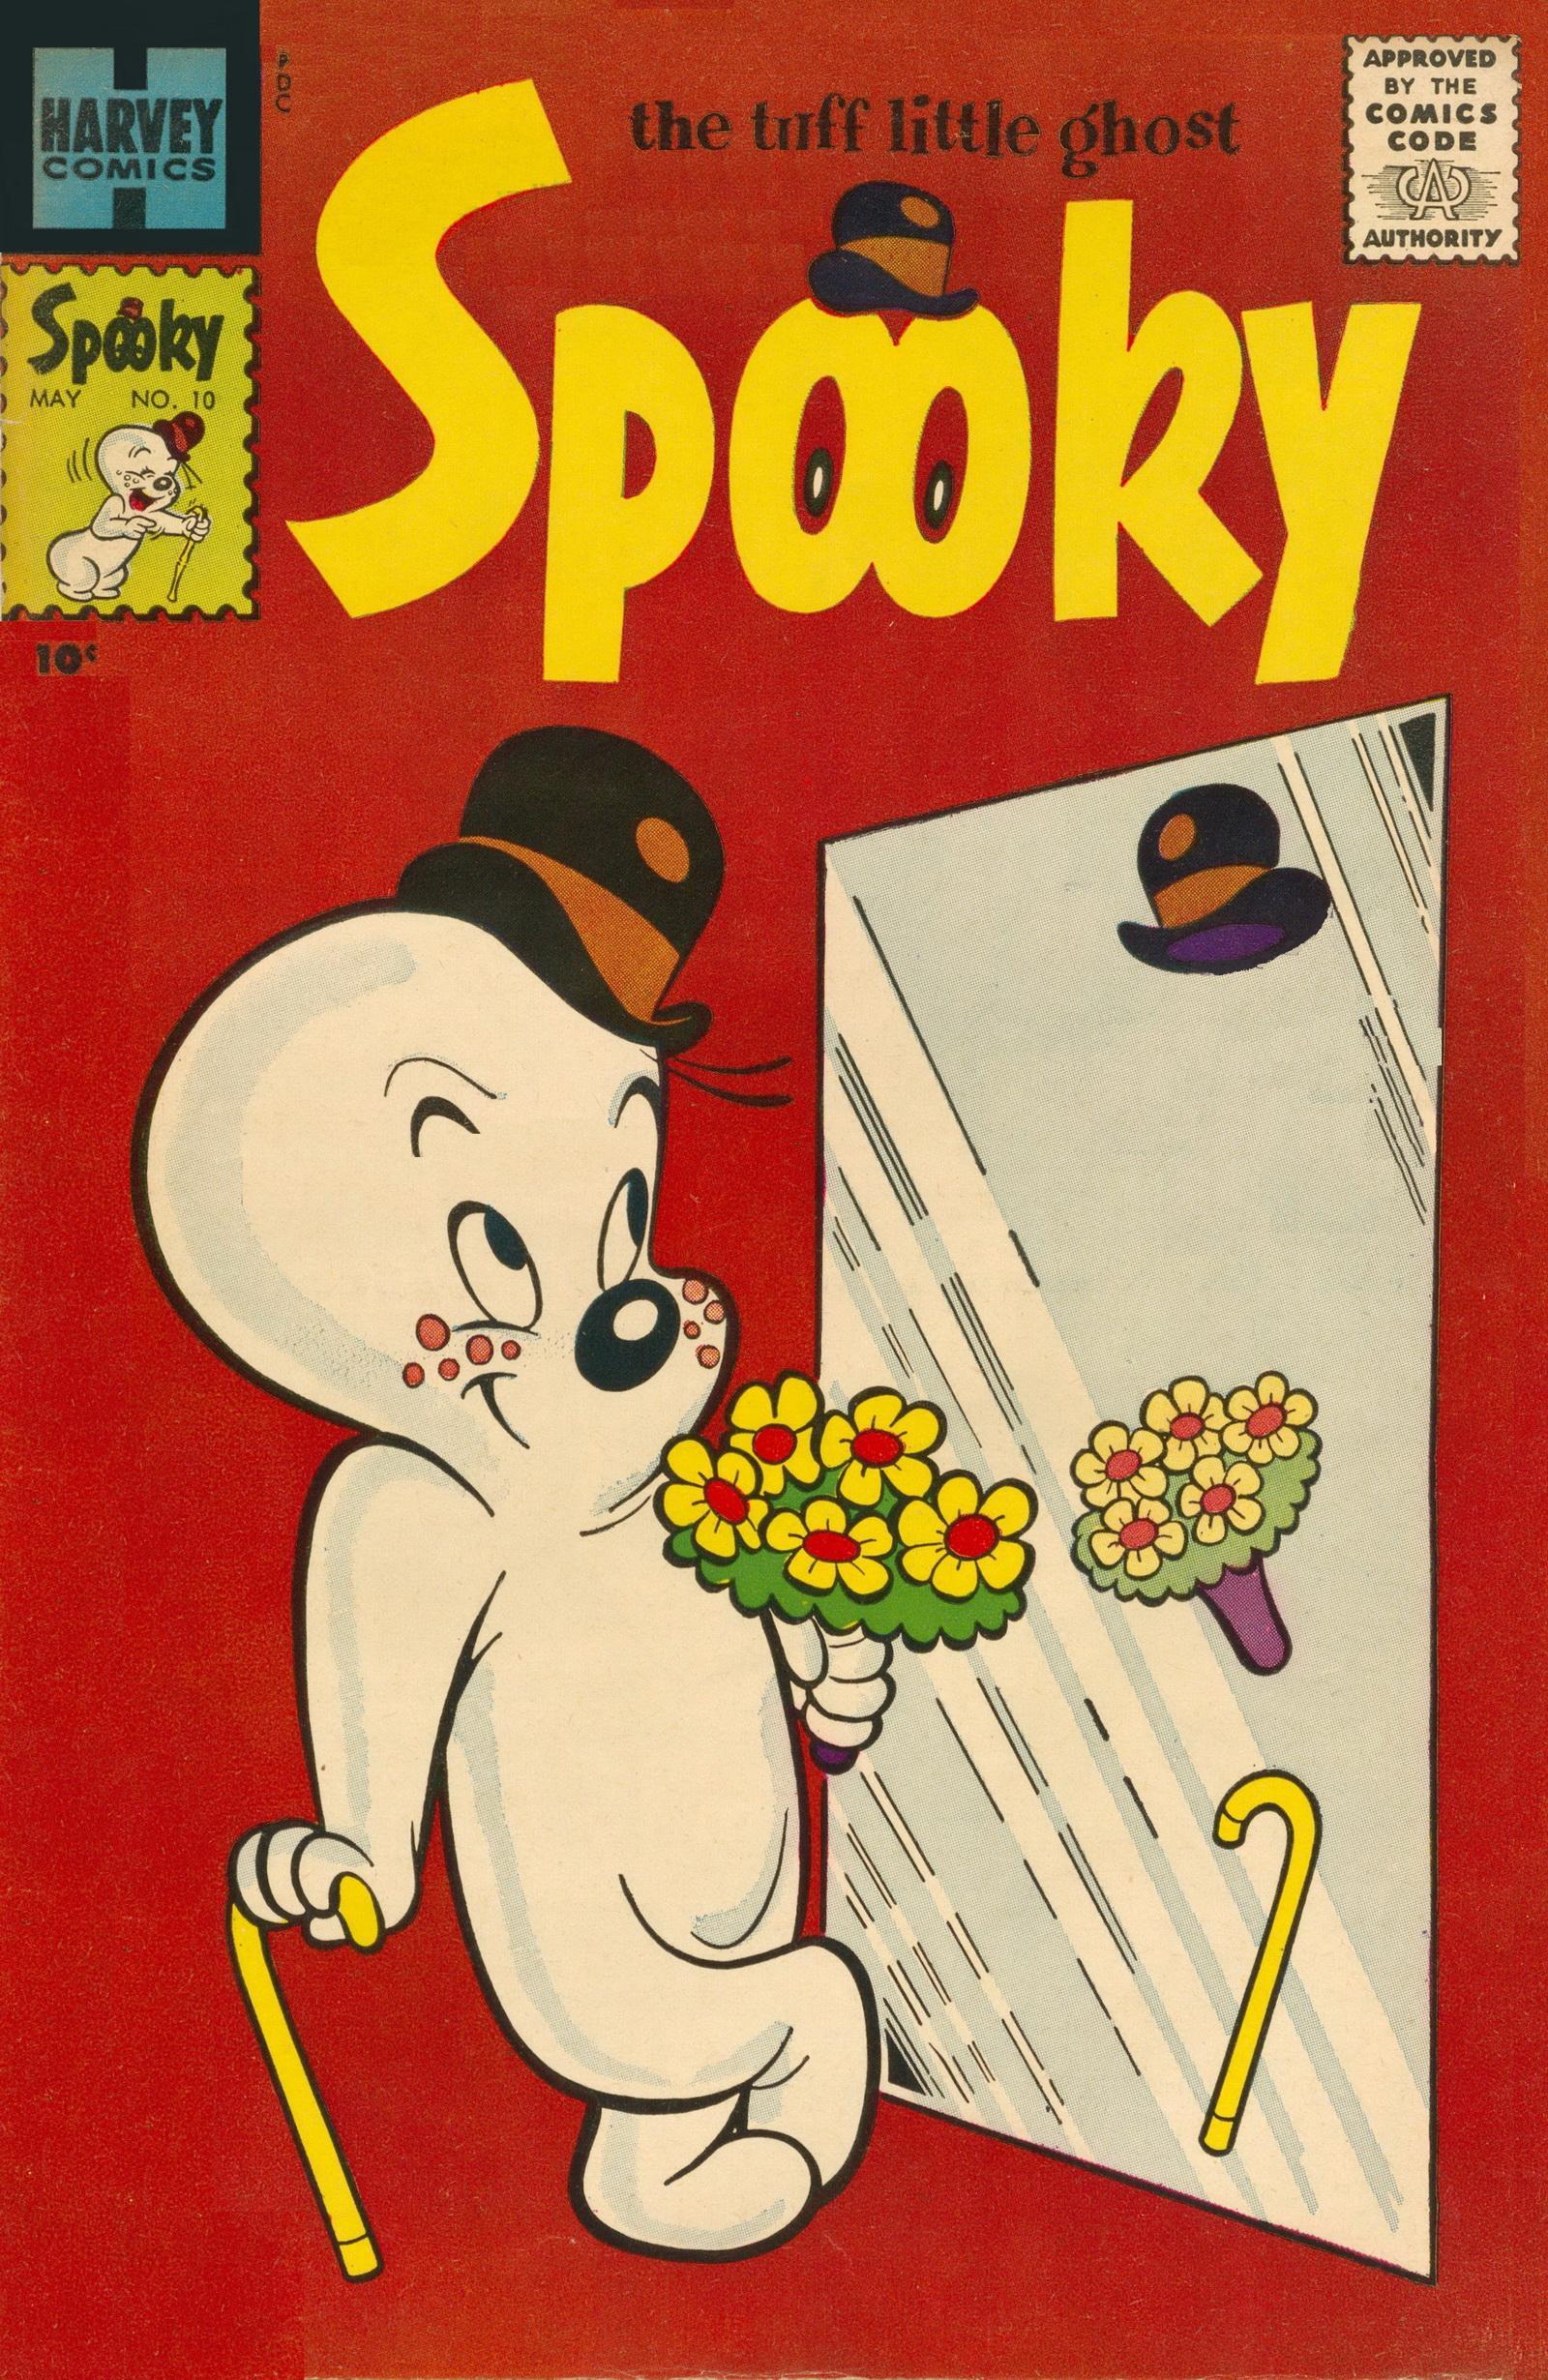 Spooky 010 1957